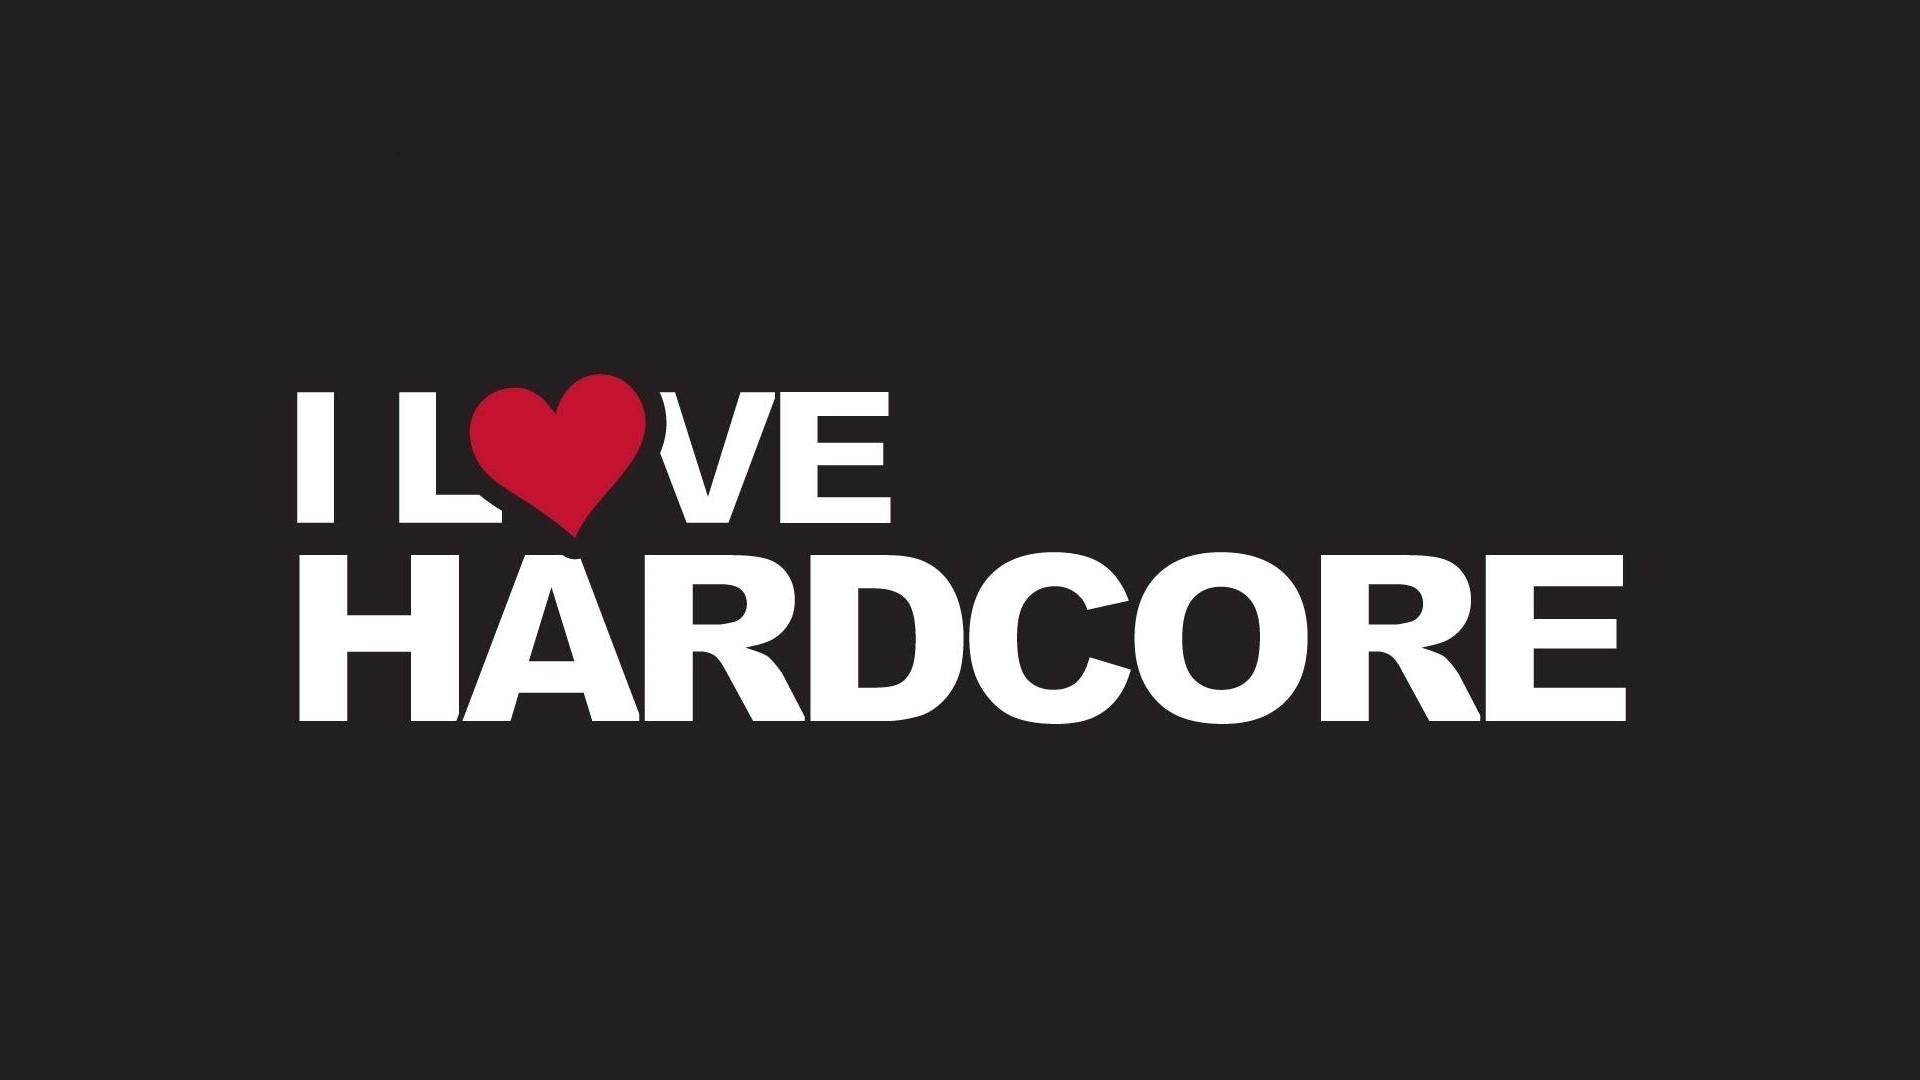 http://gabber.lt/hardcore/i-love-hardcore/attachment/ilovehardcore/